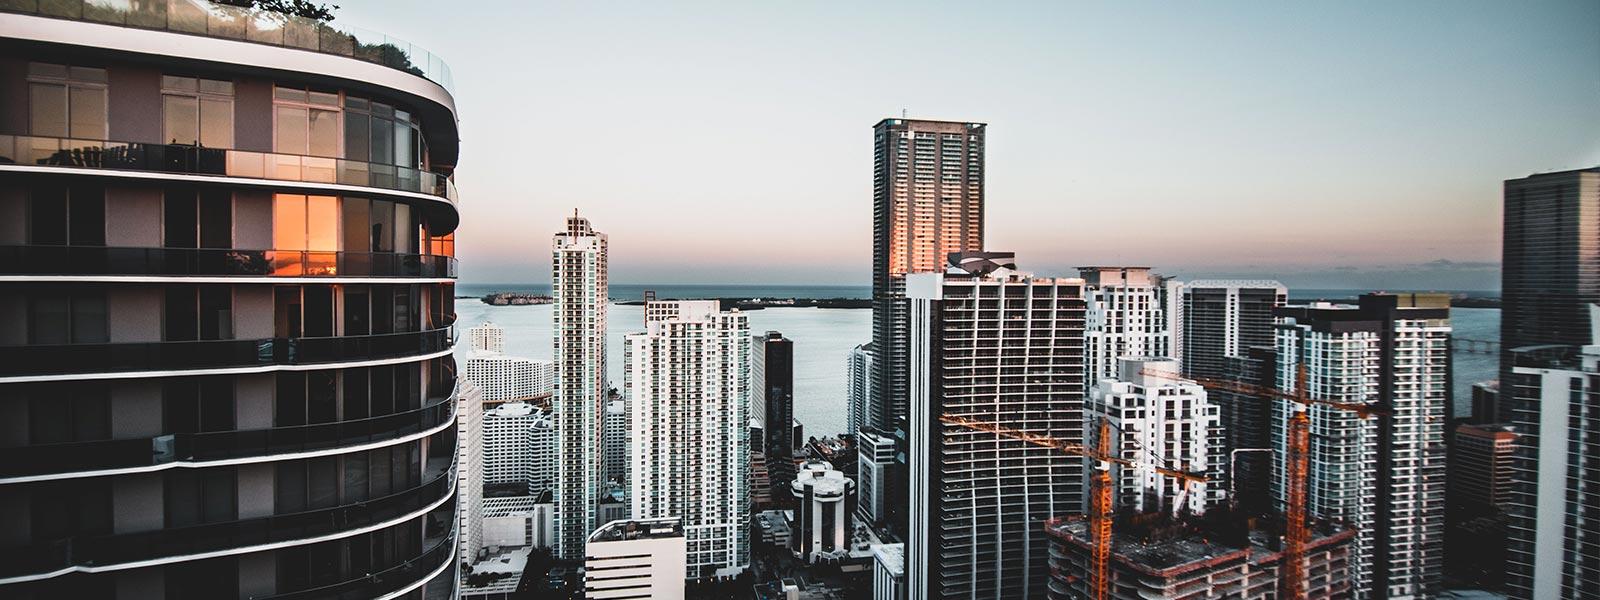 Miami Neighborhoods Where Luxury Condos Are Sold